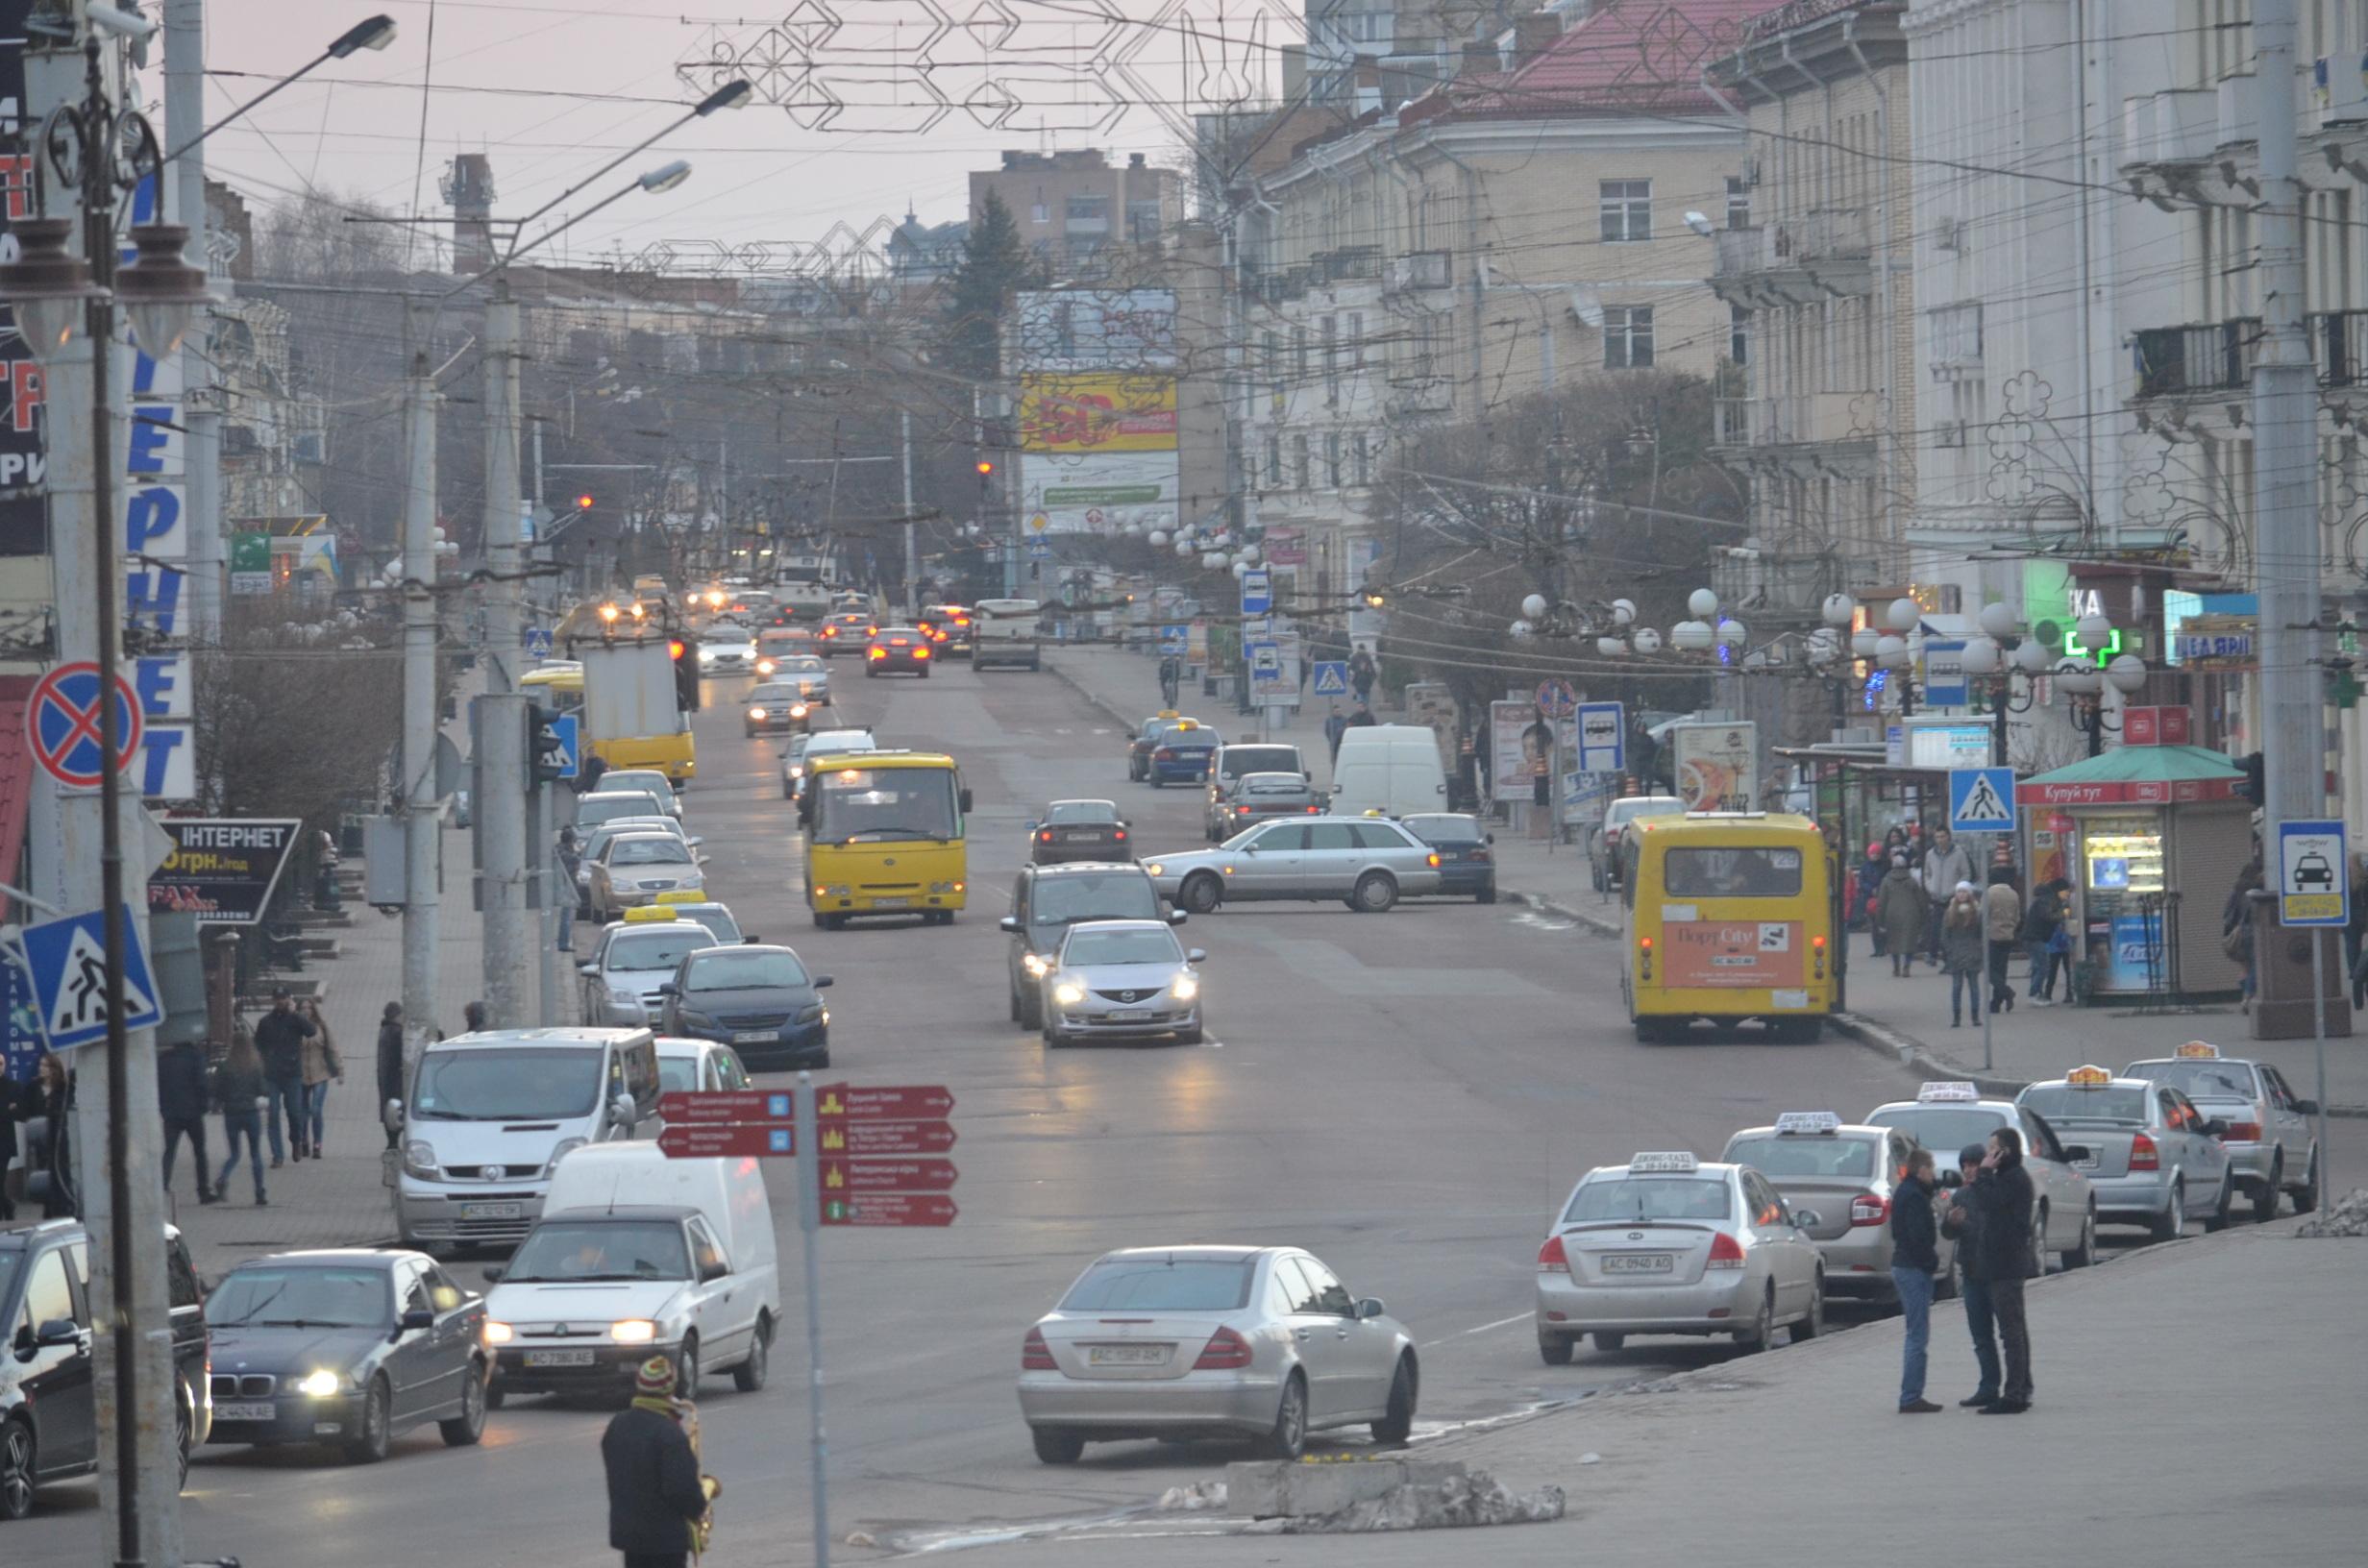 Вітражі і вишиванки. Що не так з українською міською культурою?